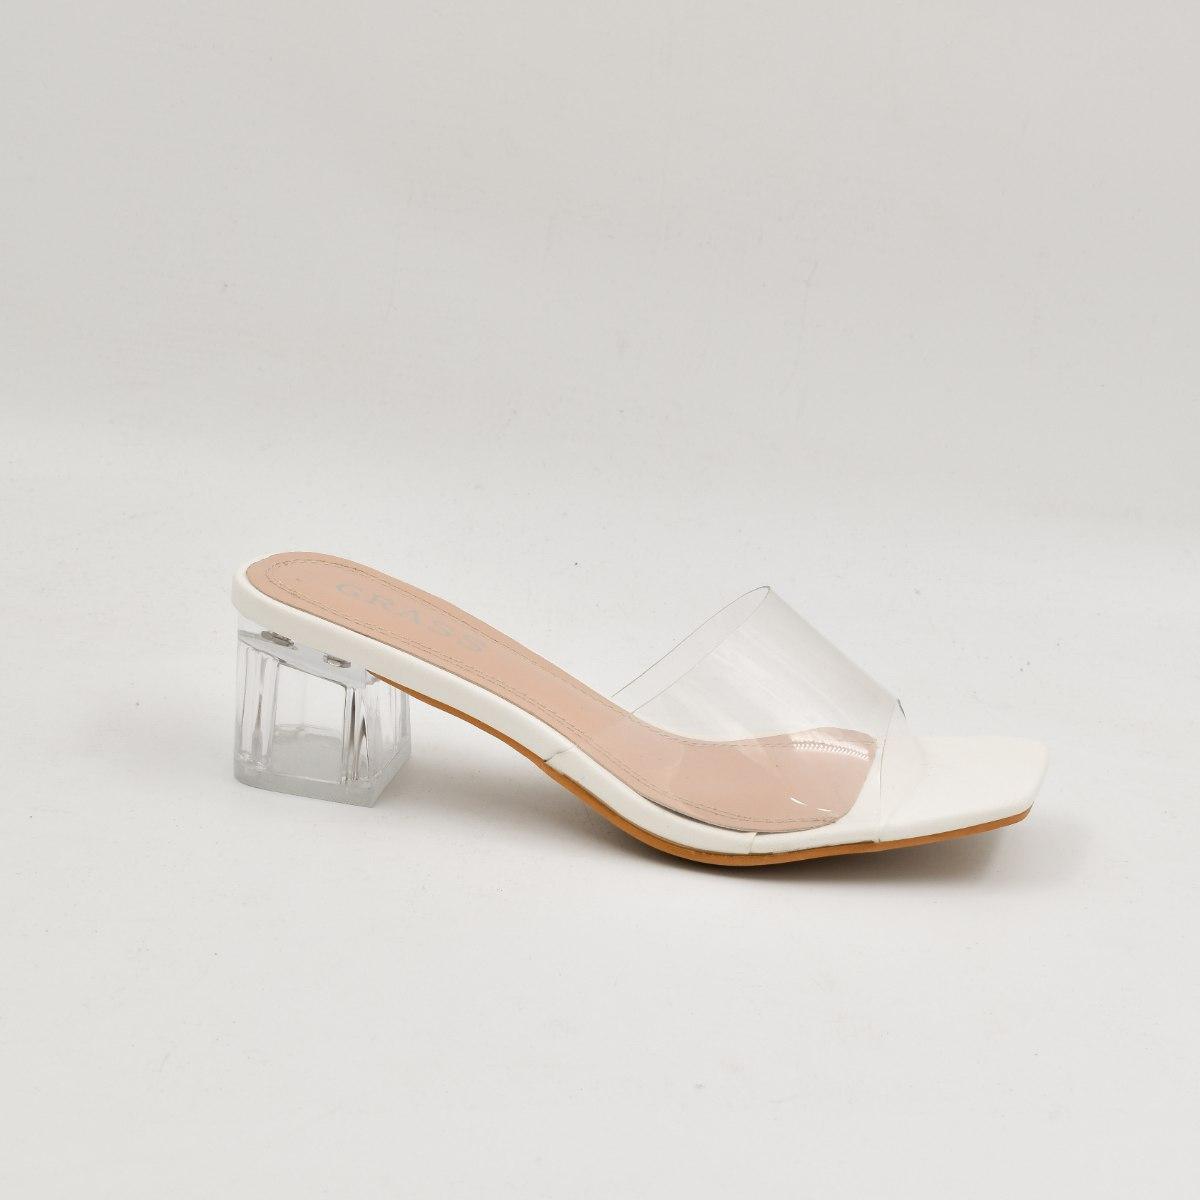 נעלי עקב לנשים - לאציו